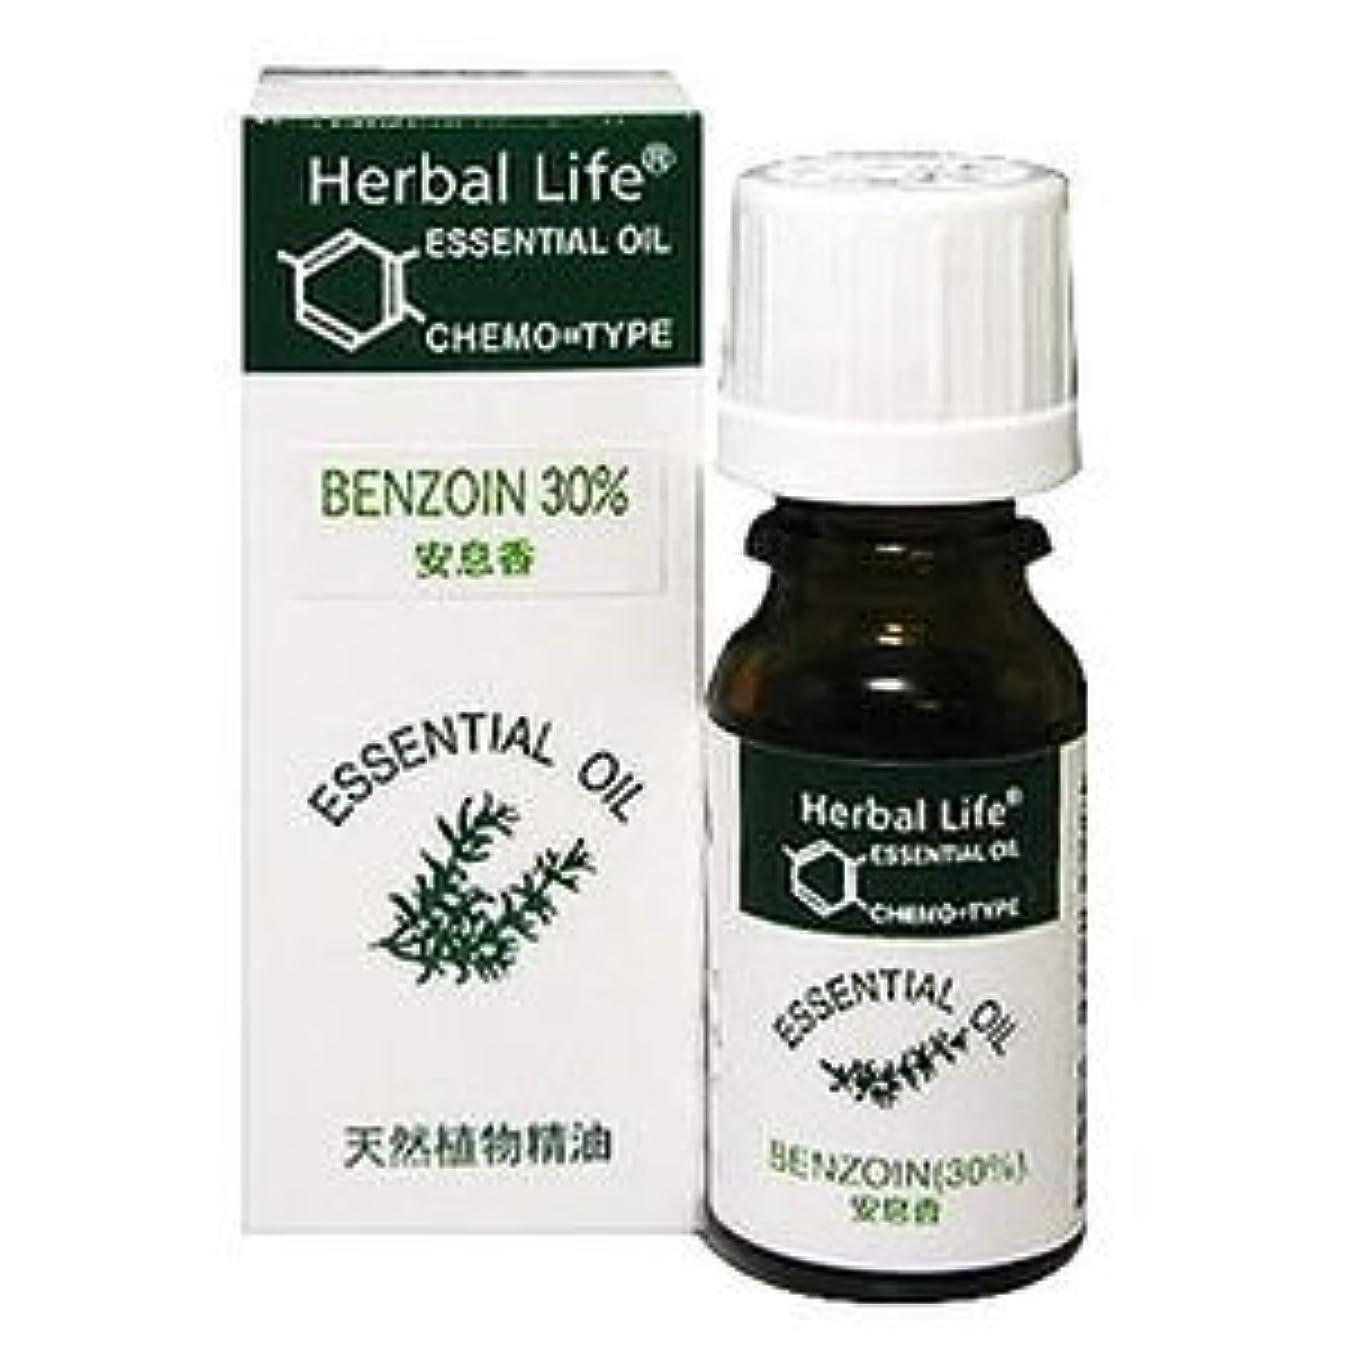 結果として飽和する経験的Herbal Life ベンゾイン(安息香) 10ml